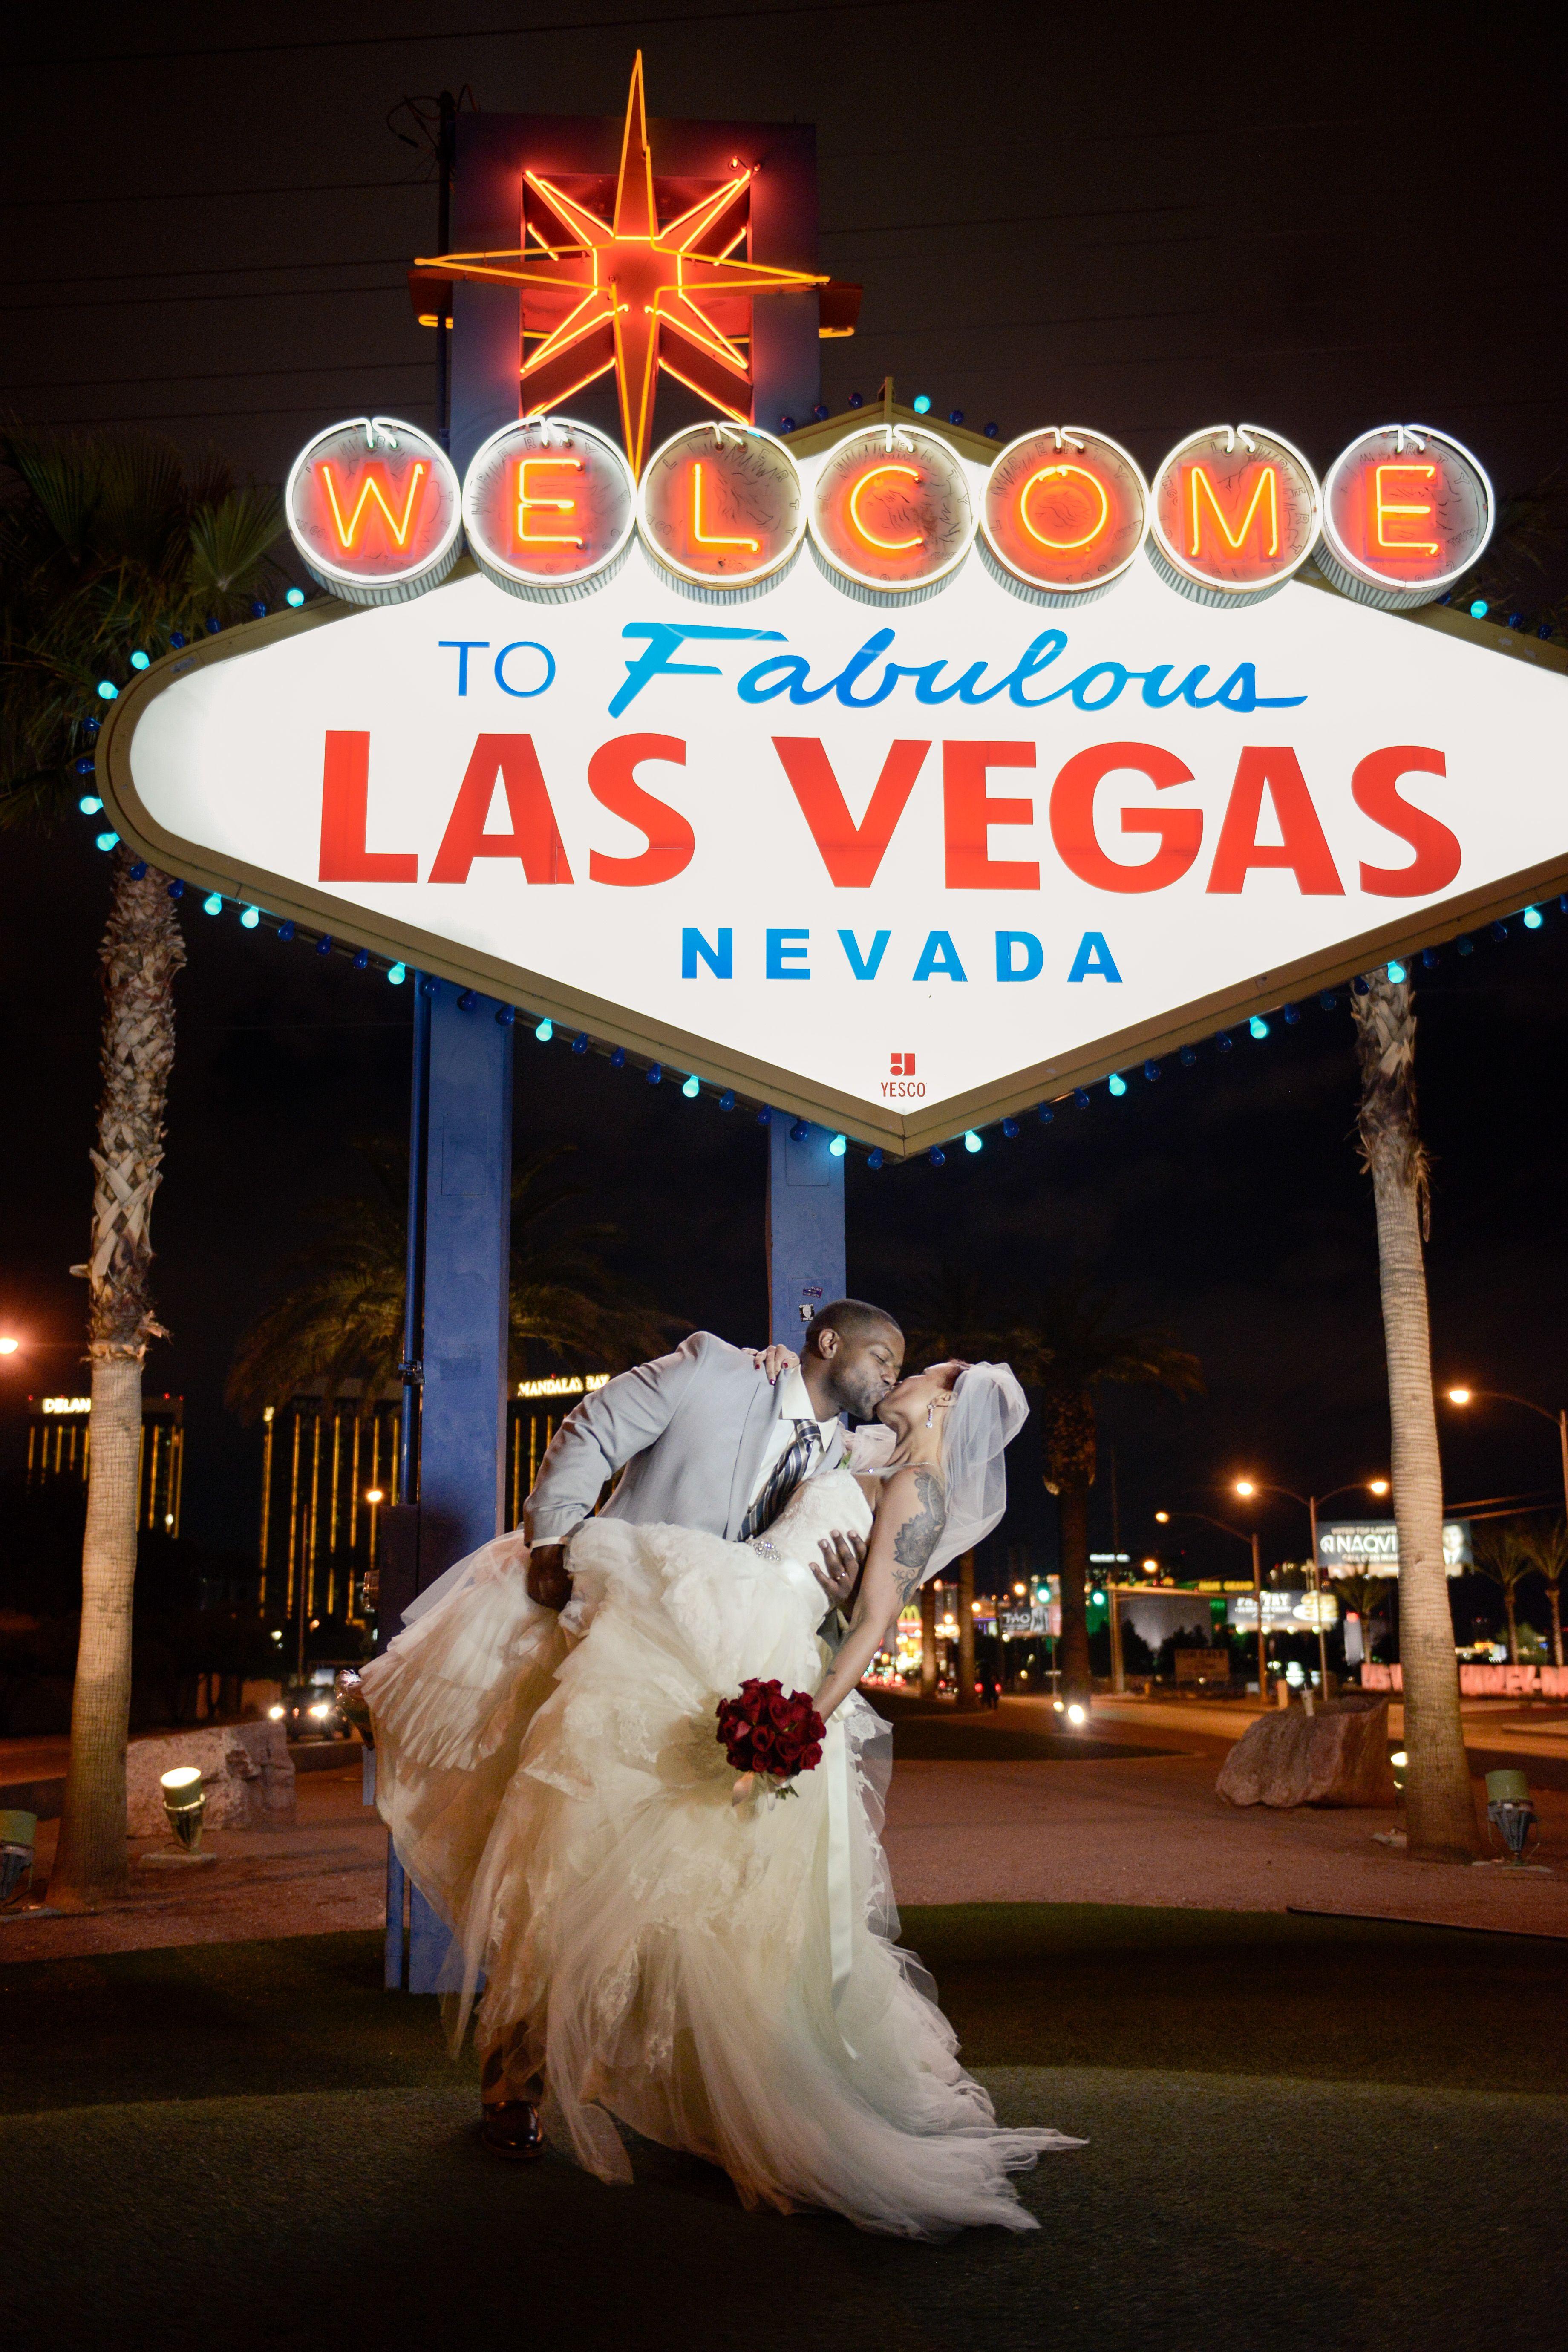 Las Vegas Weddings Wedding In Vegas Chapel Of The Flowers Vegas Wedding Vegas Wedding Photos Las Vegas Weddings